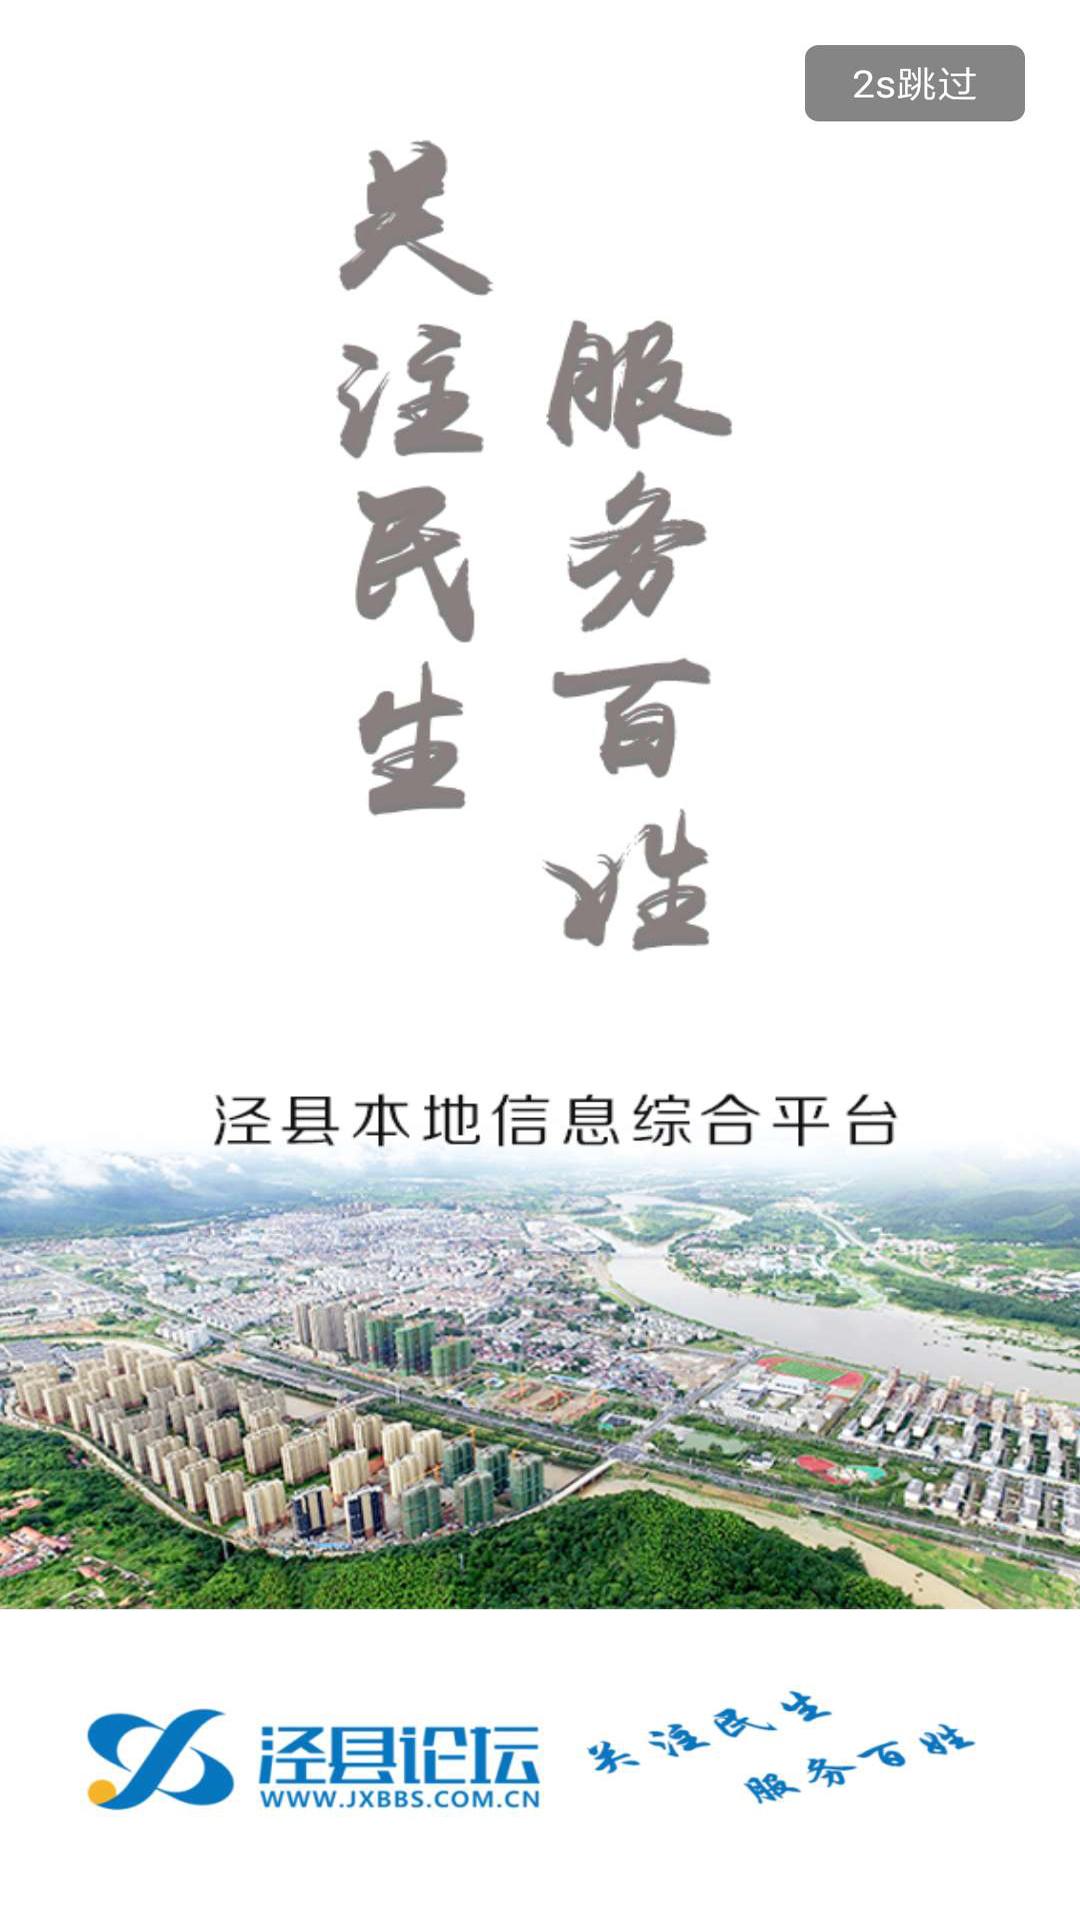 泾县论坛截图(2)